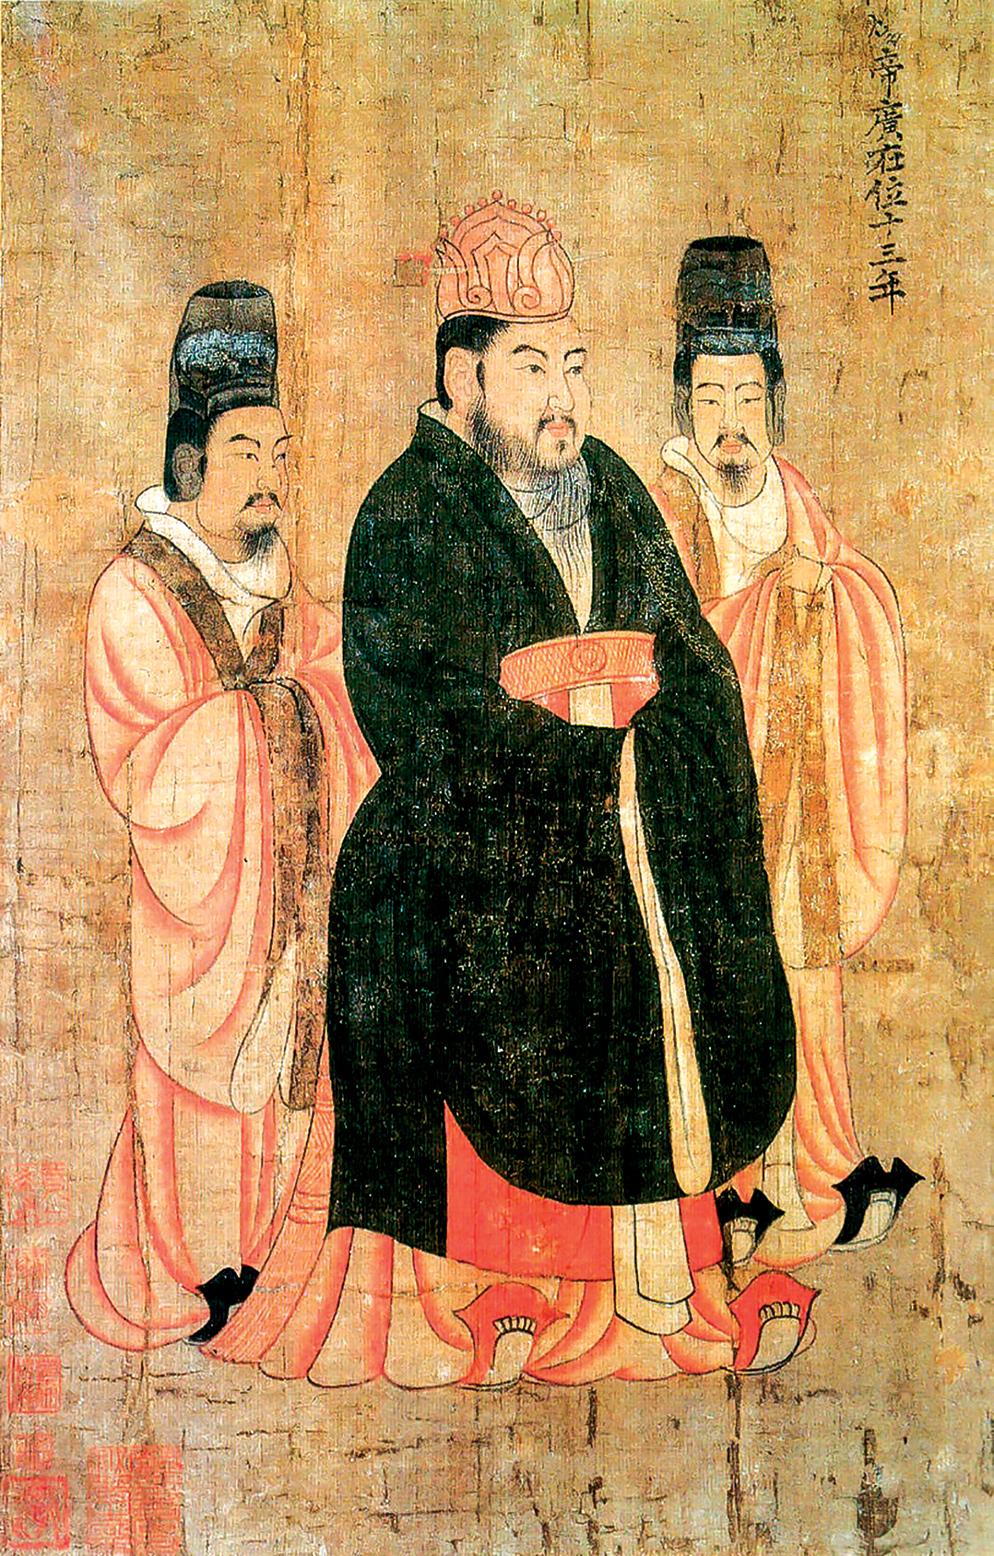 隋煬帝楊廣,隋文帝楊堅和文獻皇后獨孤伽羅的次子,是隋朝第二位皇帝。圖為隋煬帝畫像。(公有領域)